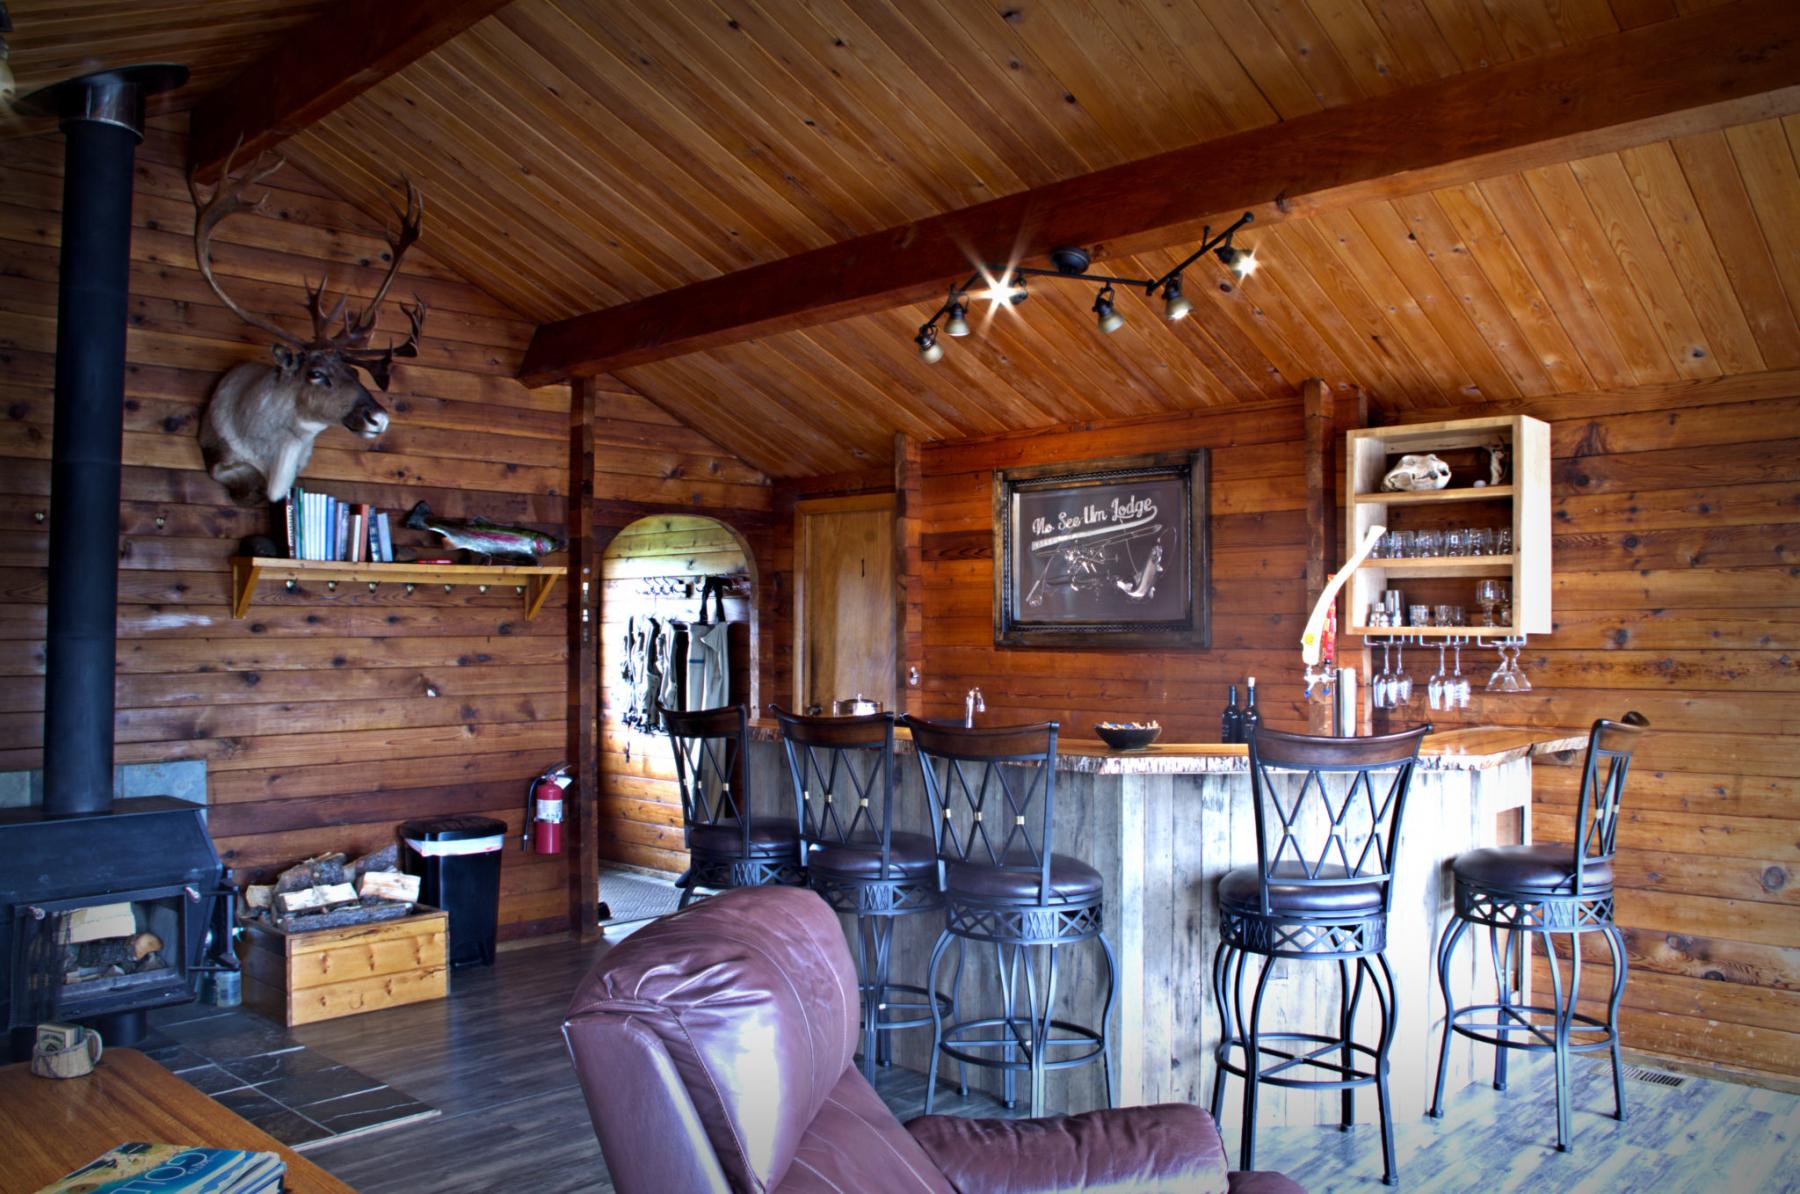 Guest house bar